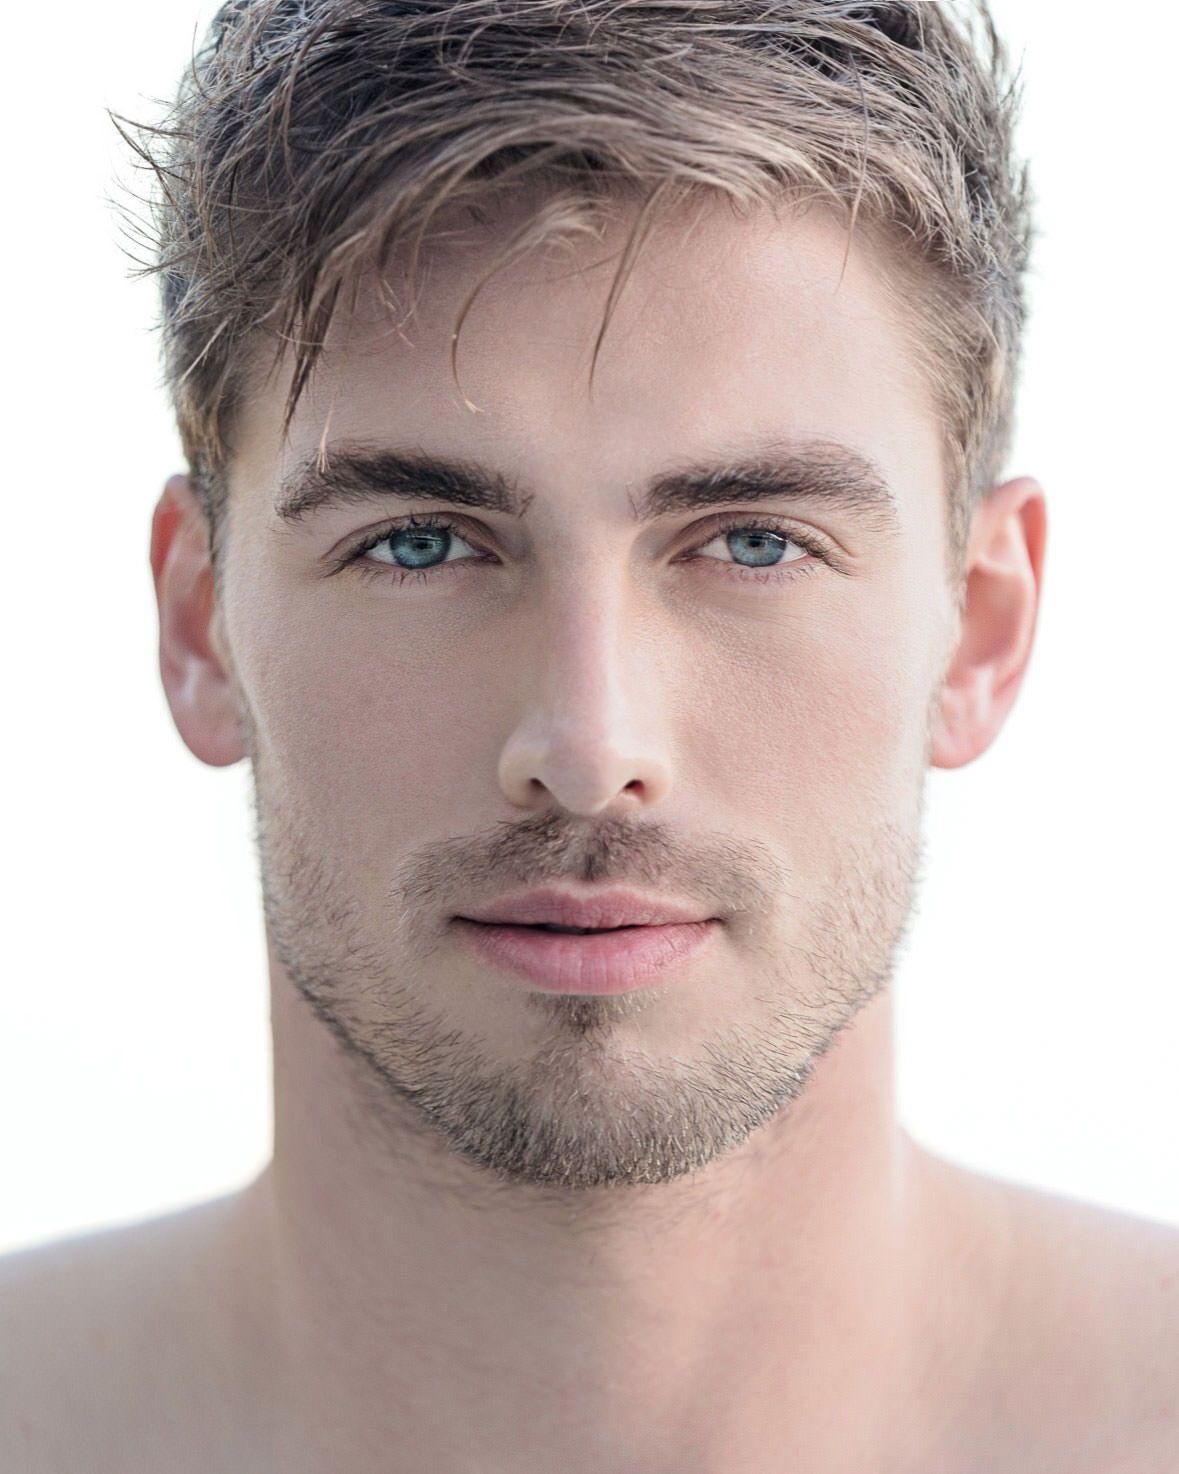 27. Male Model Dima Gornovskyi By Photographer Dylan